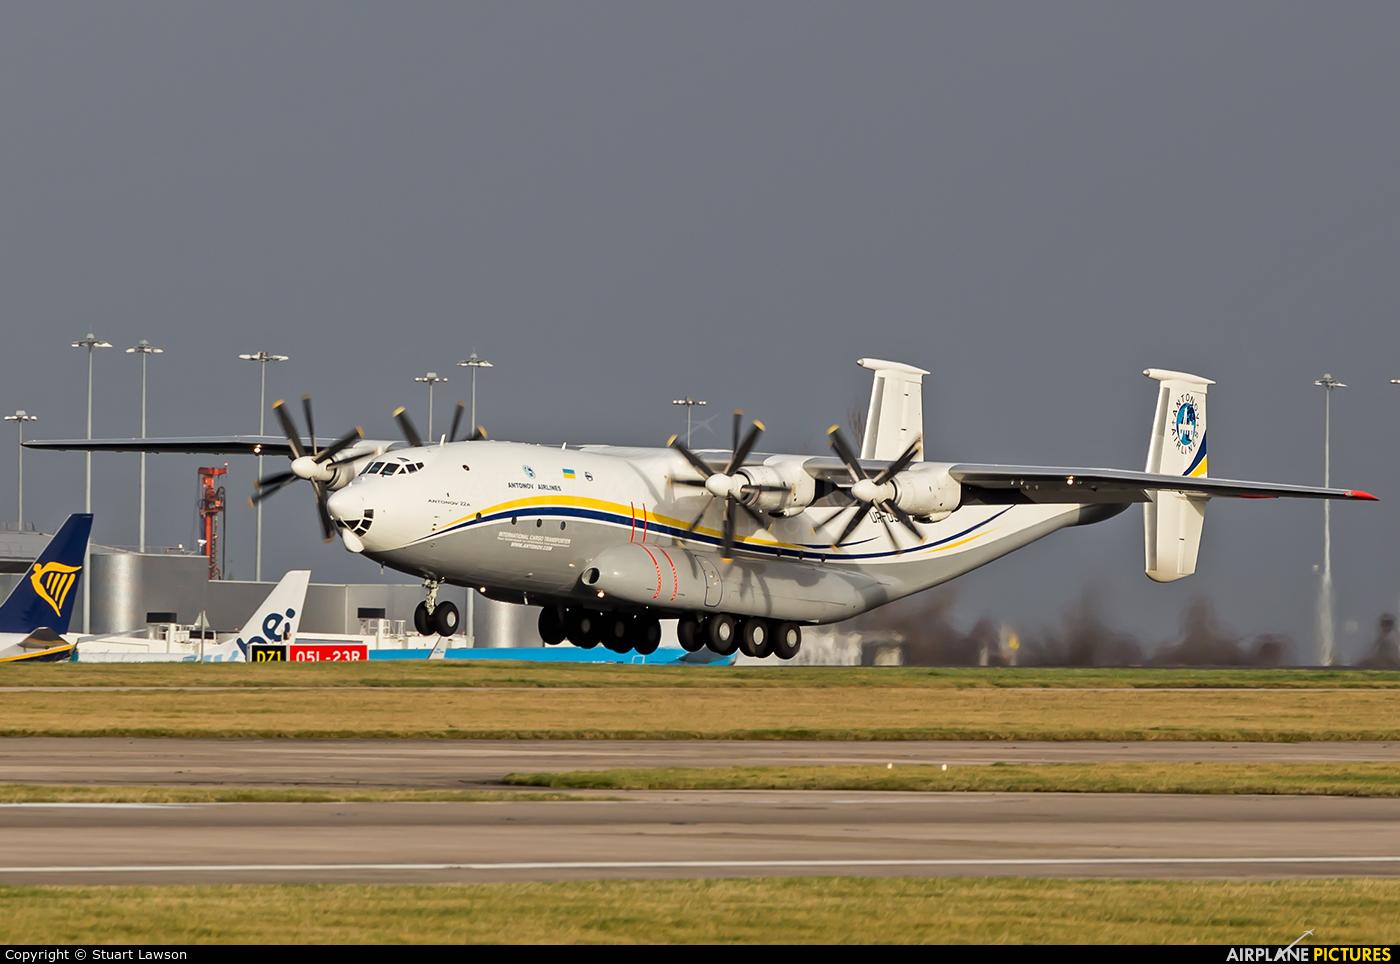 Antonov Airlines /  Design Bureau UR-09307 aircraft at Manchester